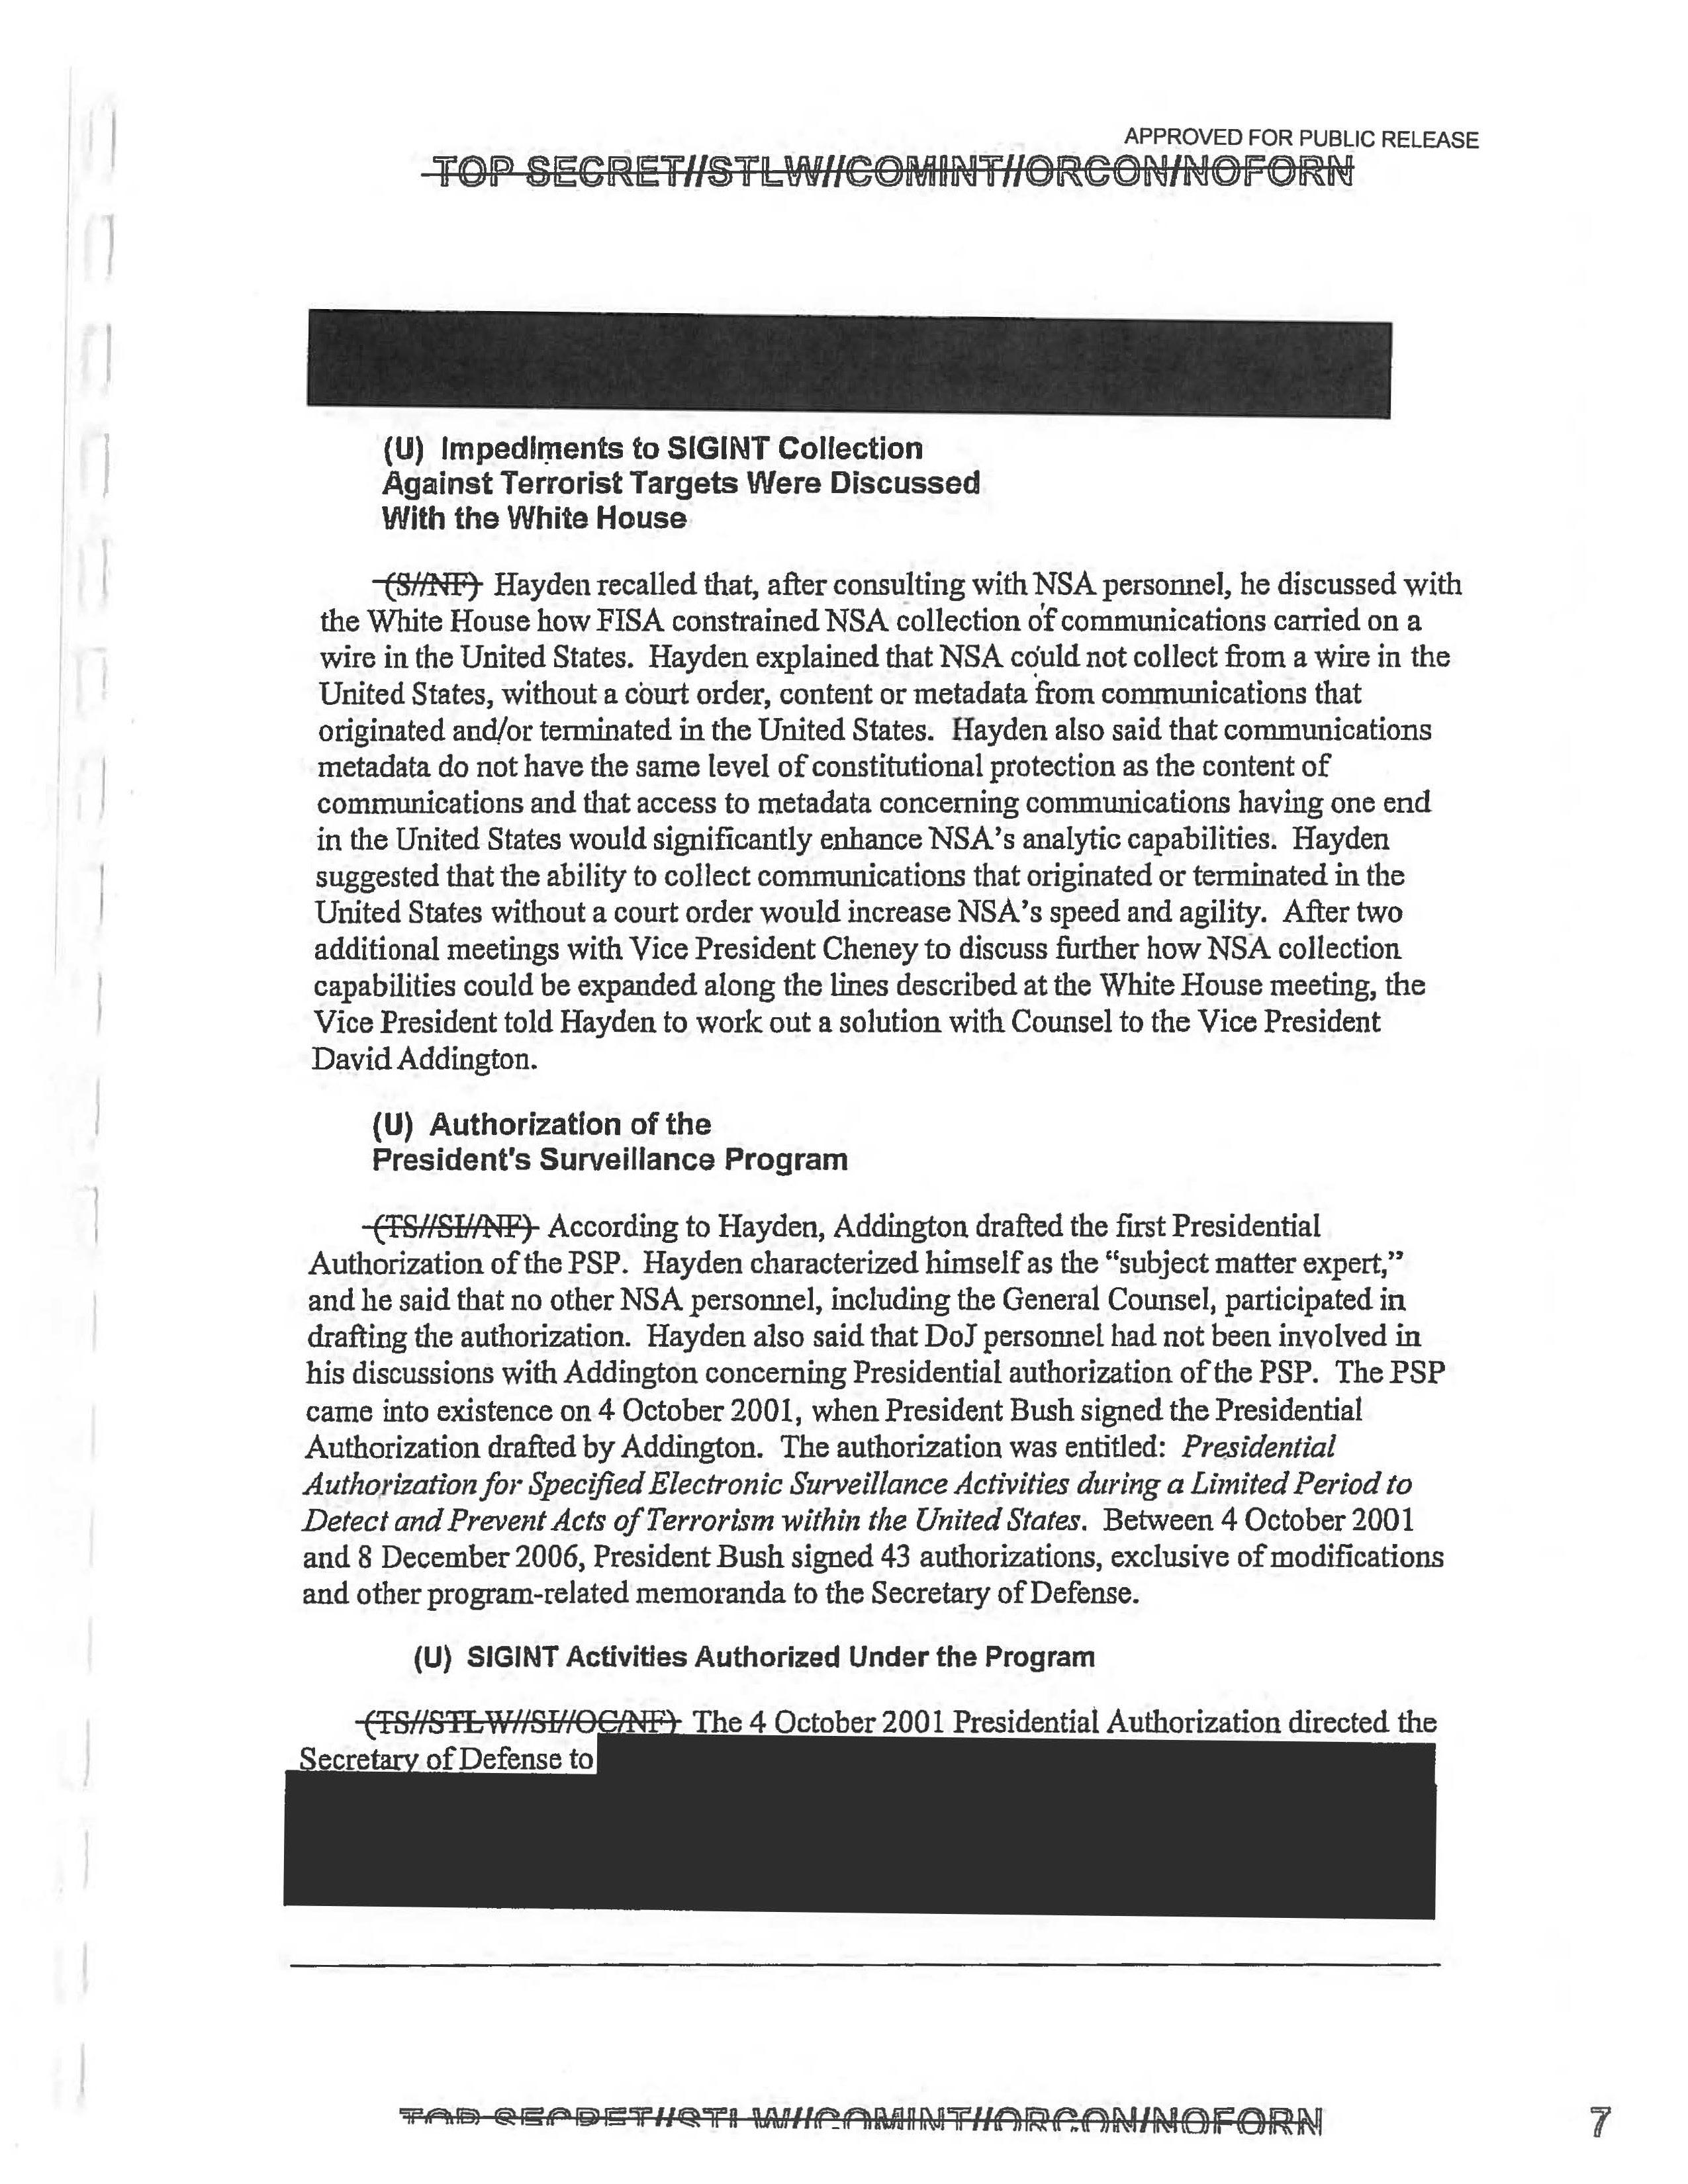 DoJ-PresidentsSurveillanceProgram_Page_017